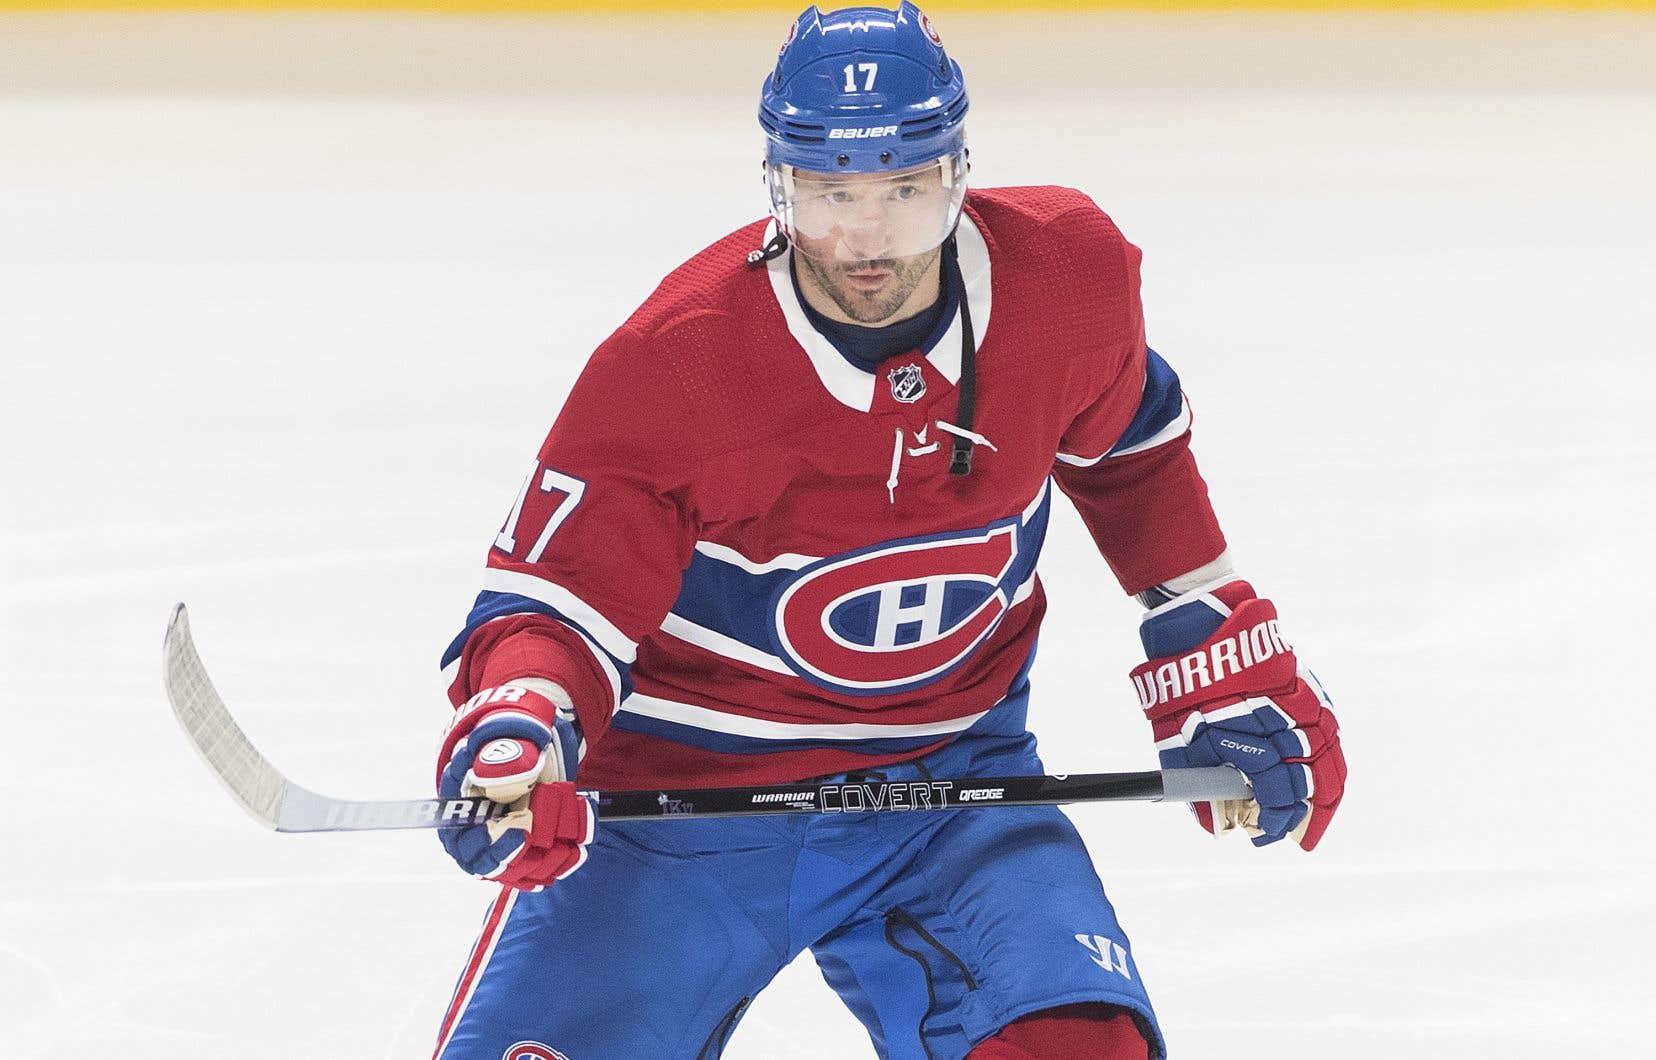 Phillip Danault a qualifié Kovalchuk (sur la photo) de «légende» de l'histoire récente du hockey.